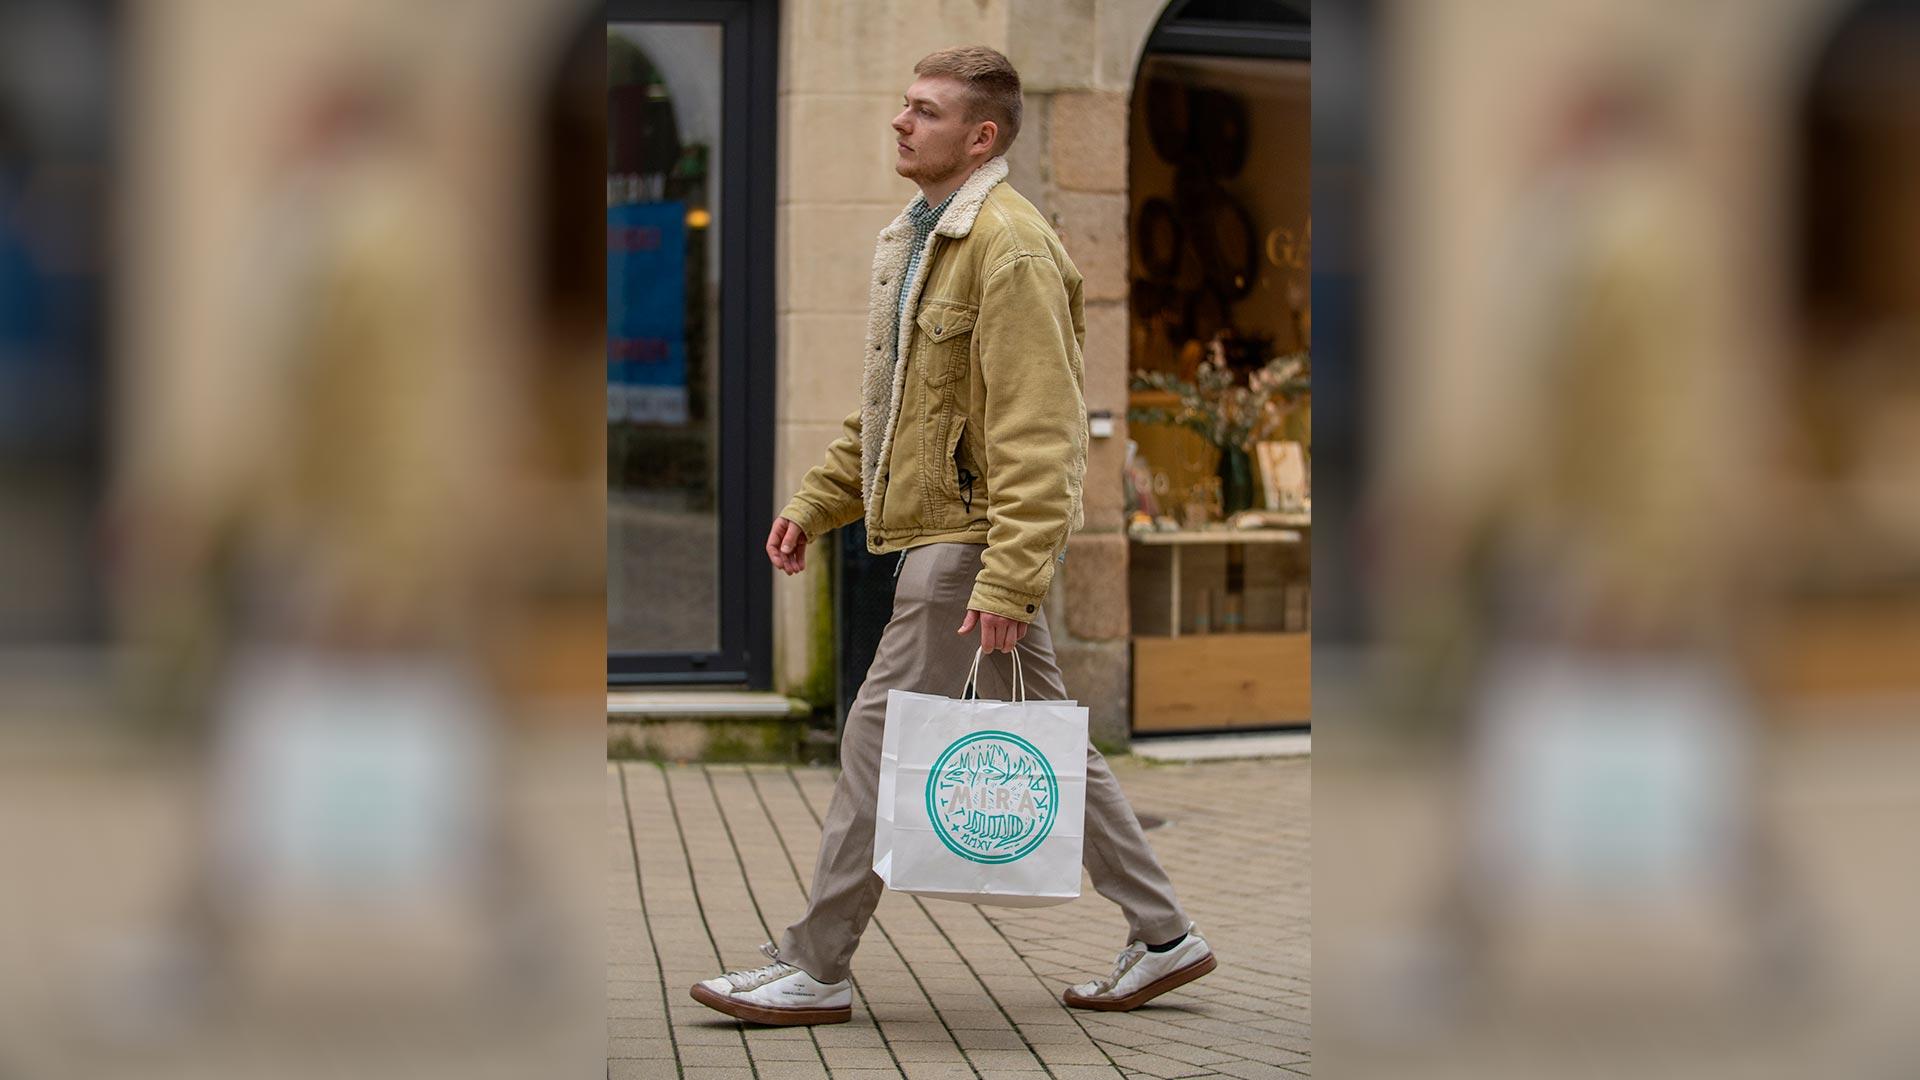 Pack-e white paper carrier bag